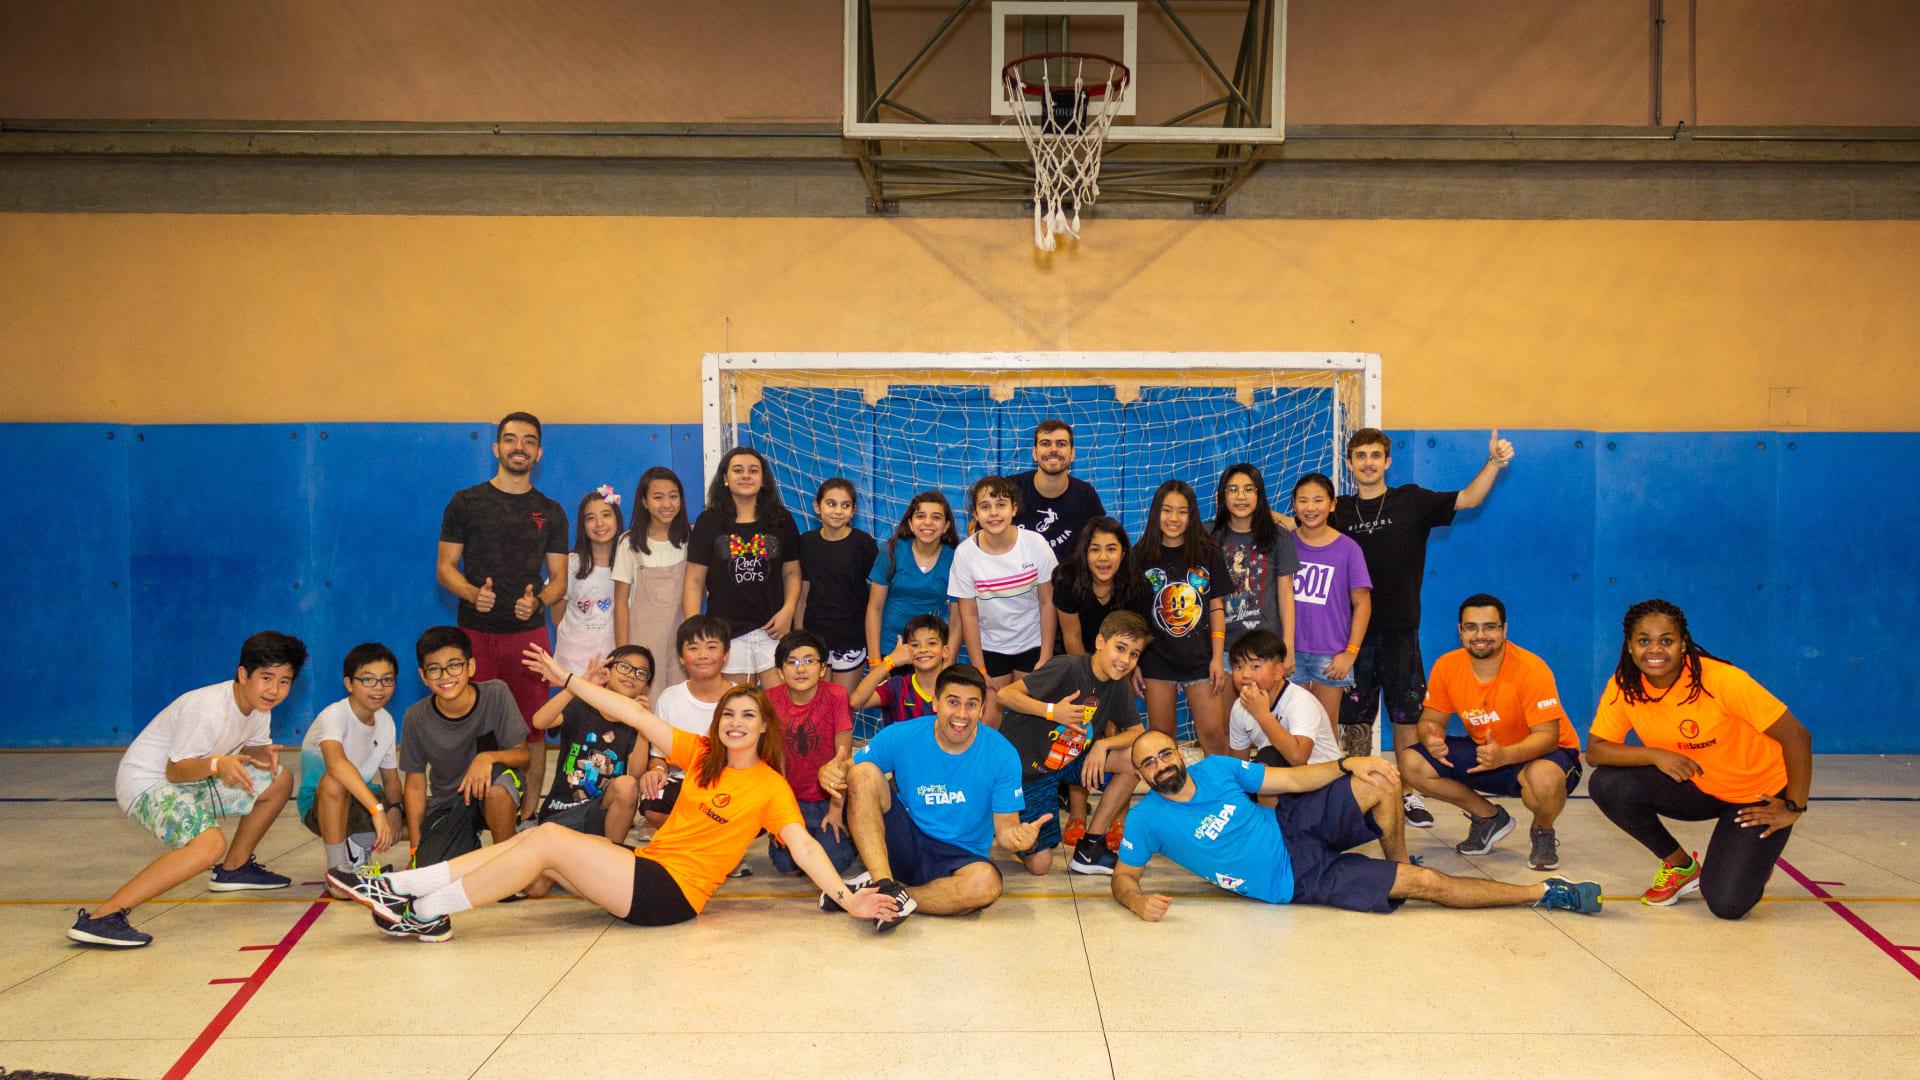 Alunos do Colégio Etapa São Paulo participam do Acampadentro